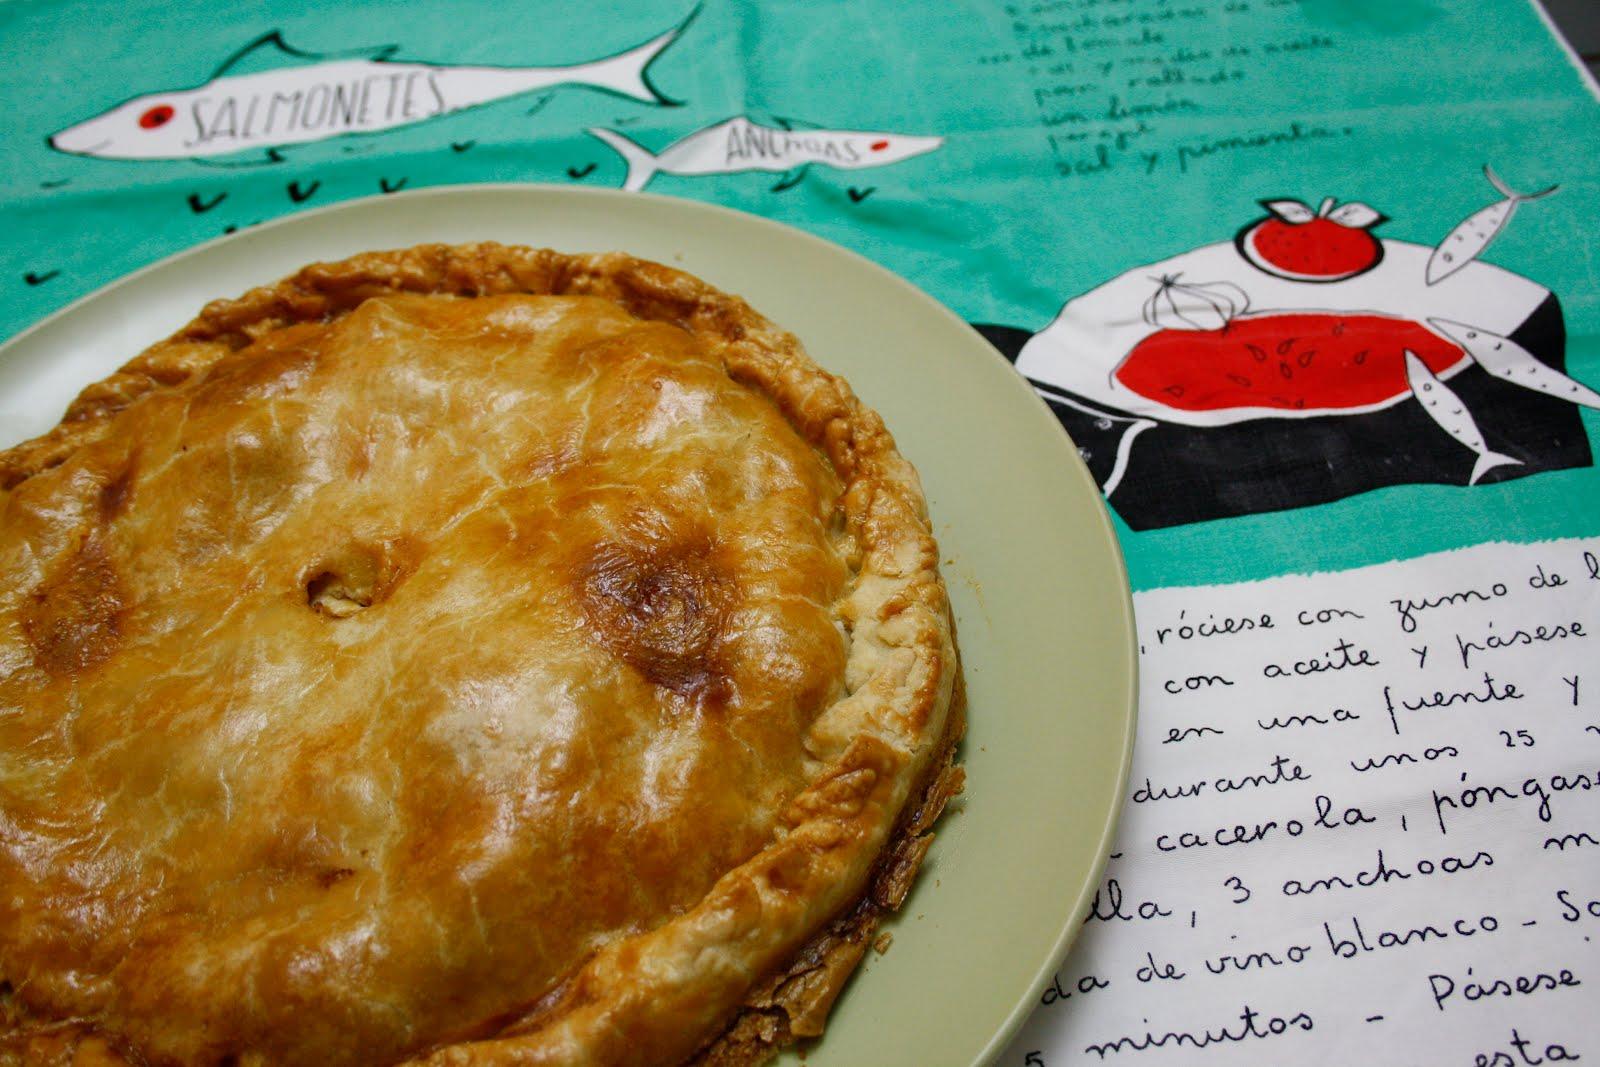 La cocina de maricarmen marzo 2012 - Cocinas maricarmen ...